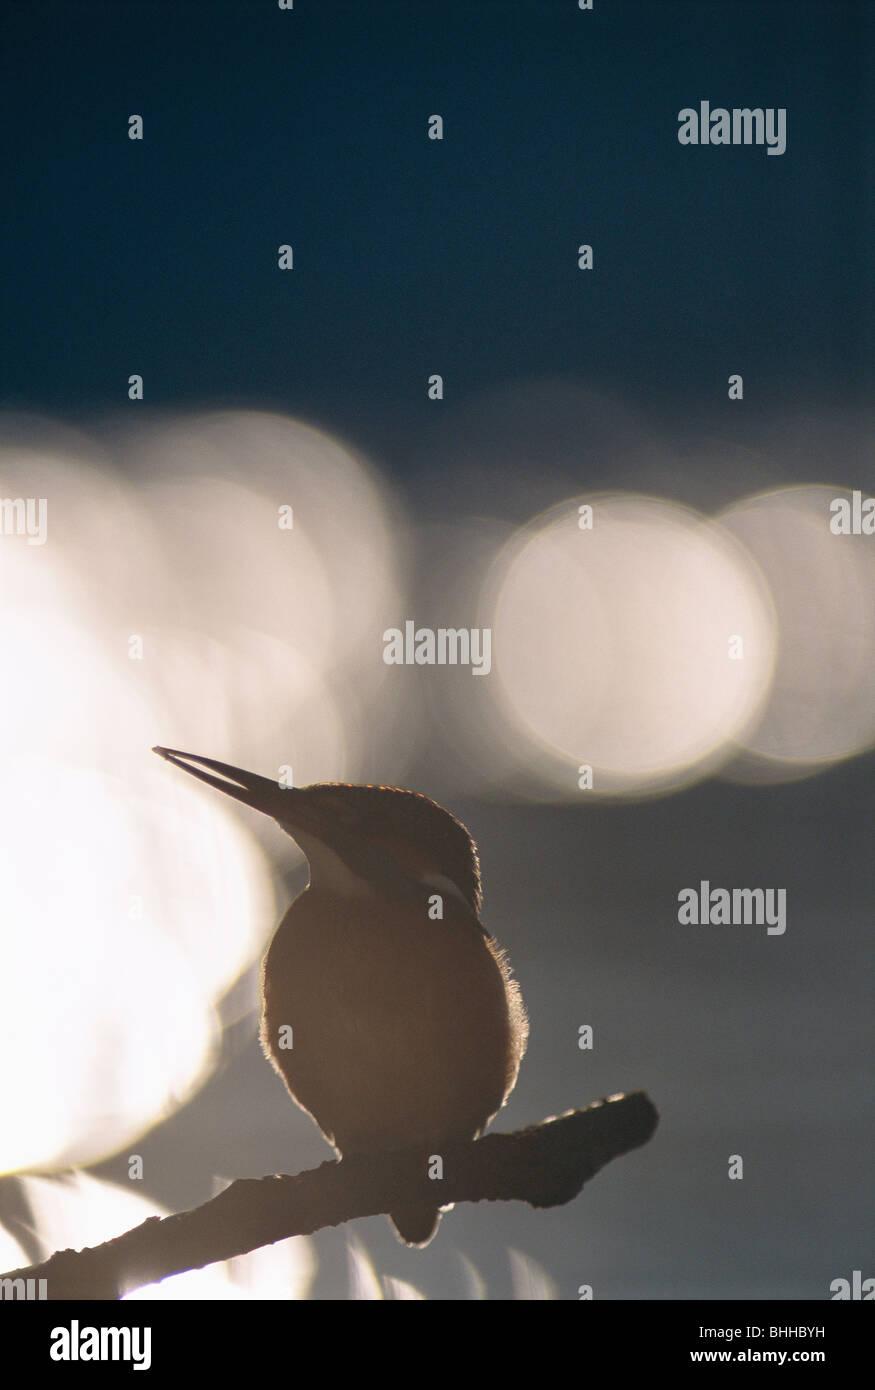 La silhouette di un kingfisher contro la luce, Polonia. Immagini Stock